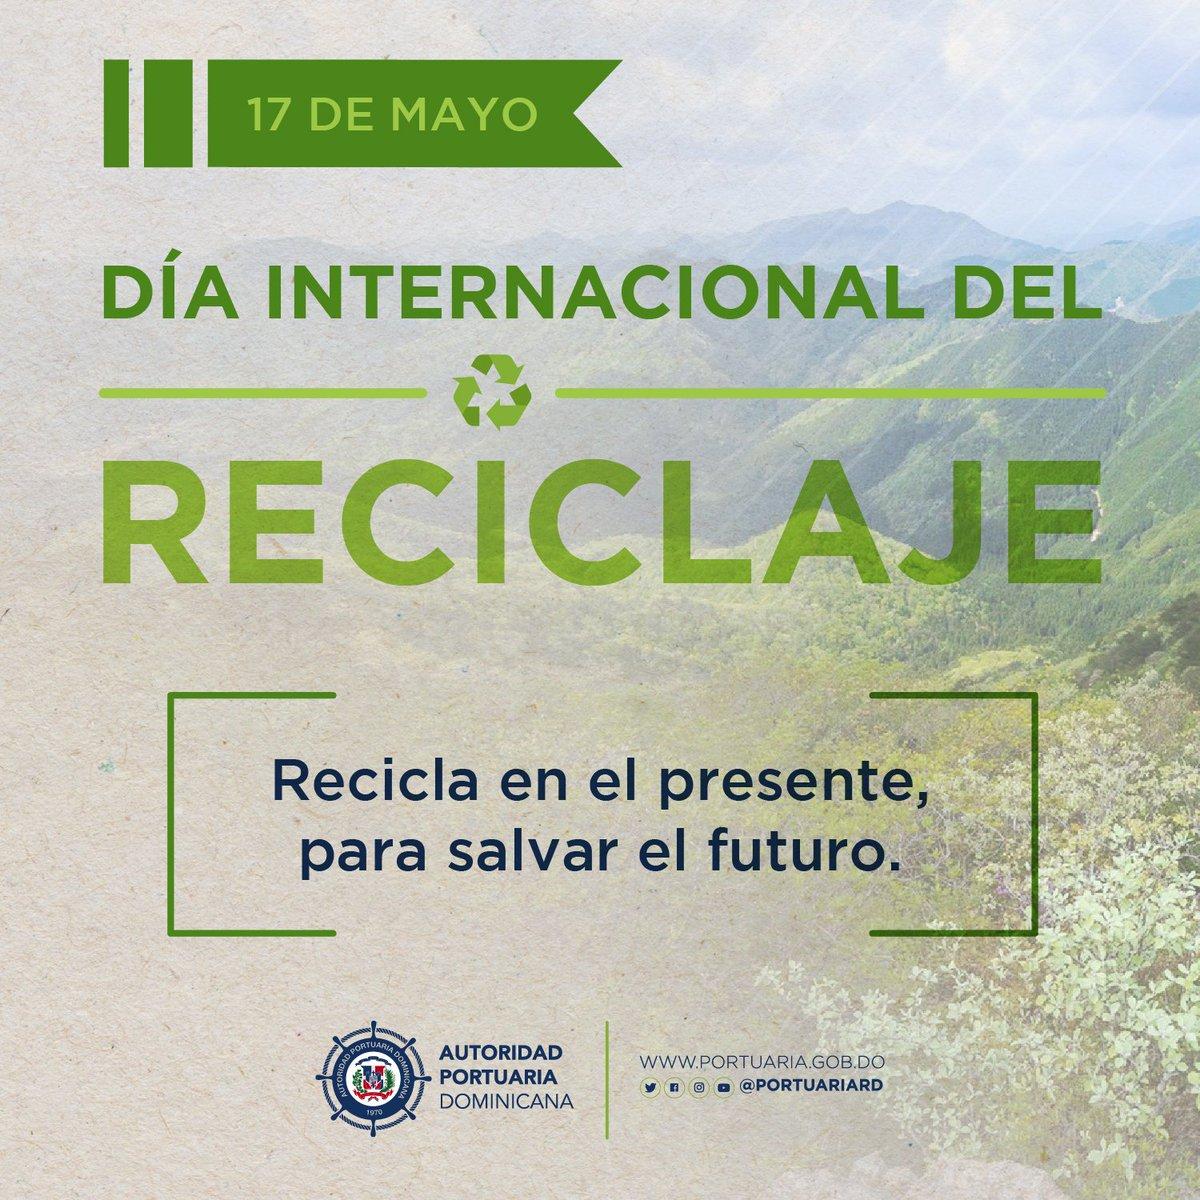 Autoridad Portuaria Dominicana's photo on Día Mundial